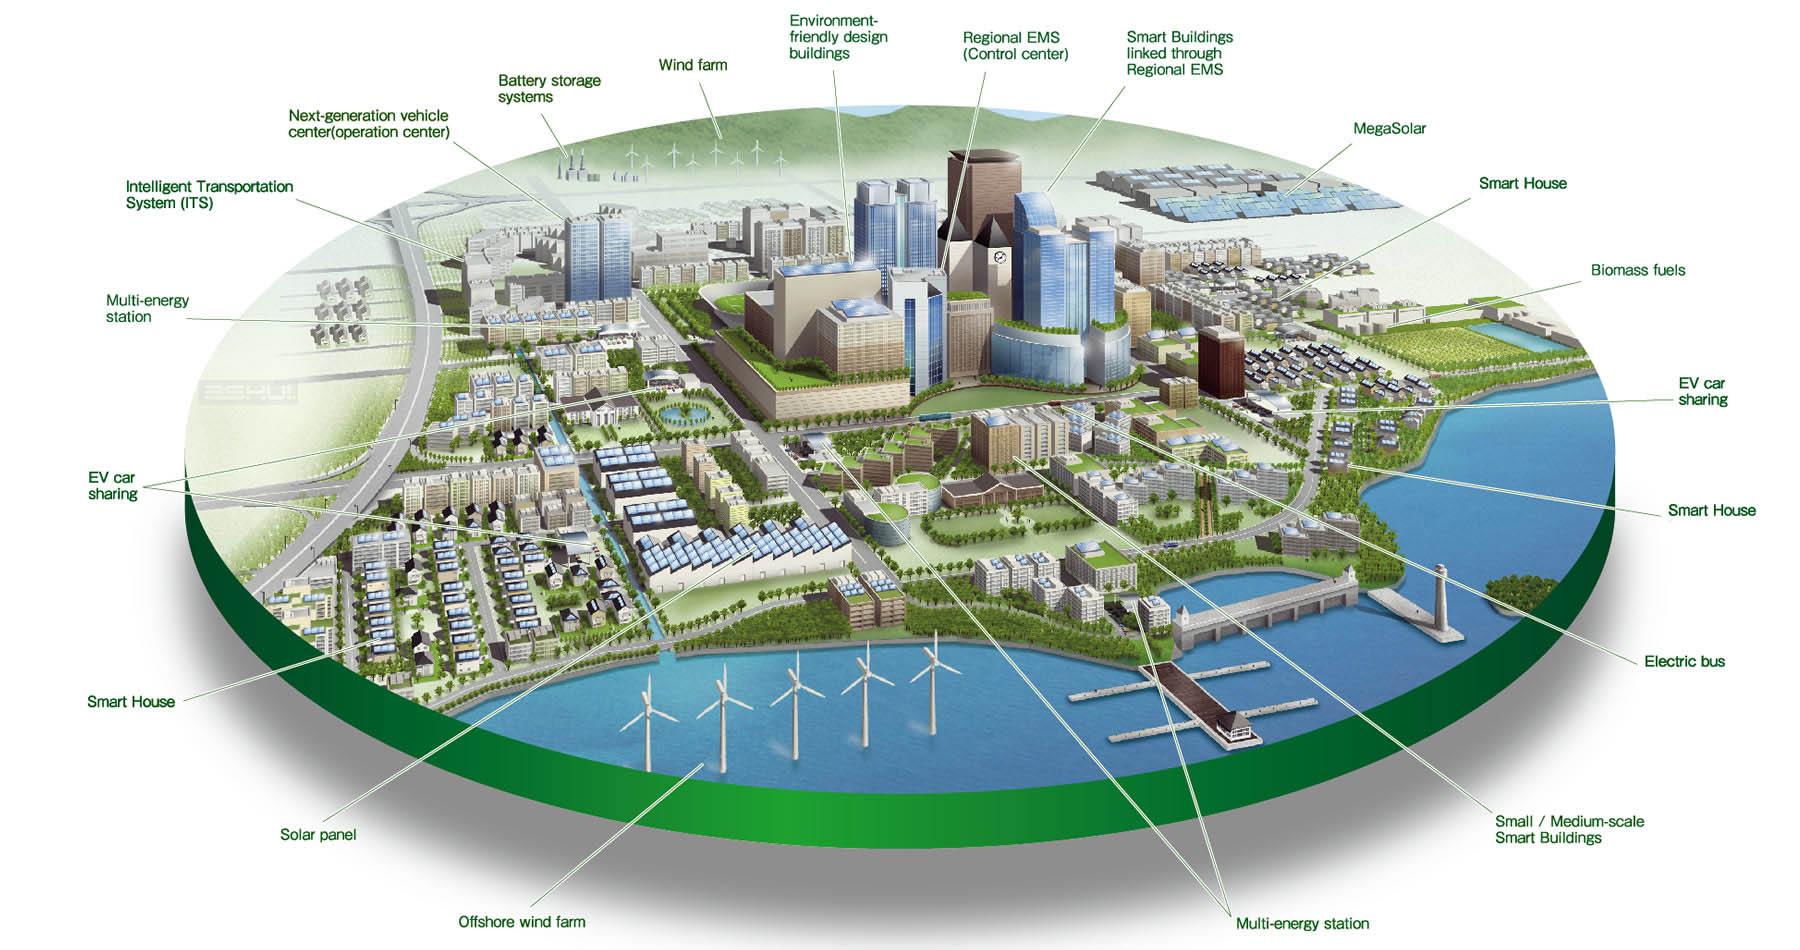 Xây dựng đô thị thông minh: Chỉ công nghệ là chưa đủ